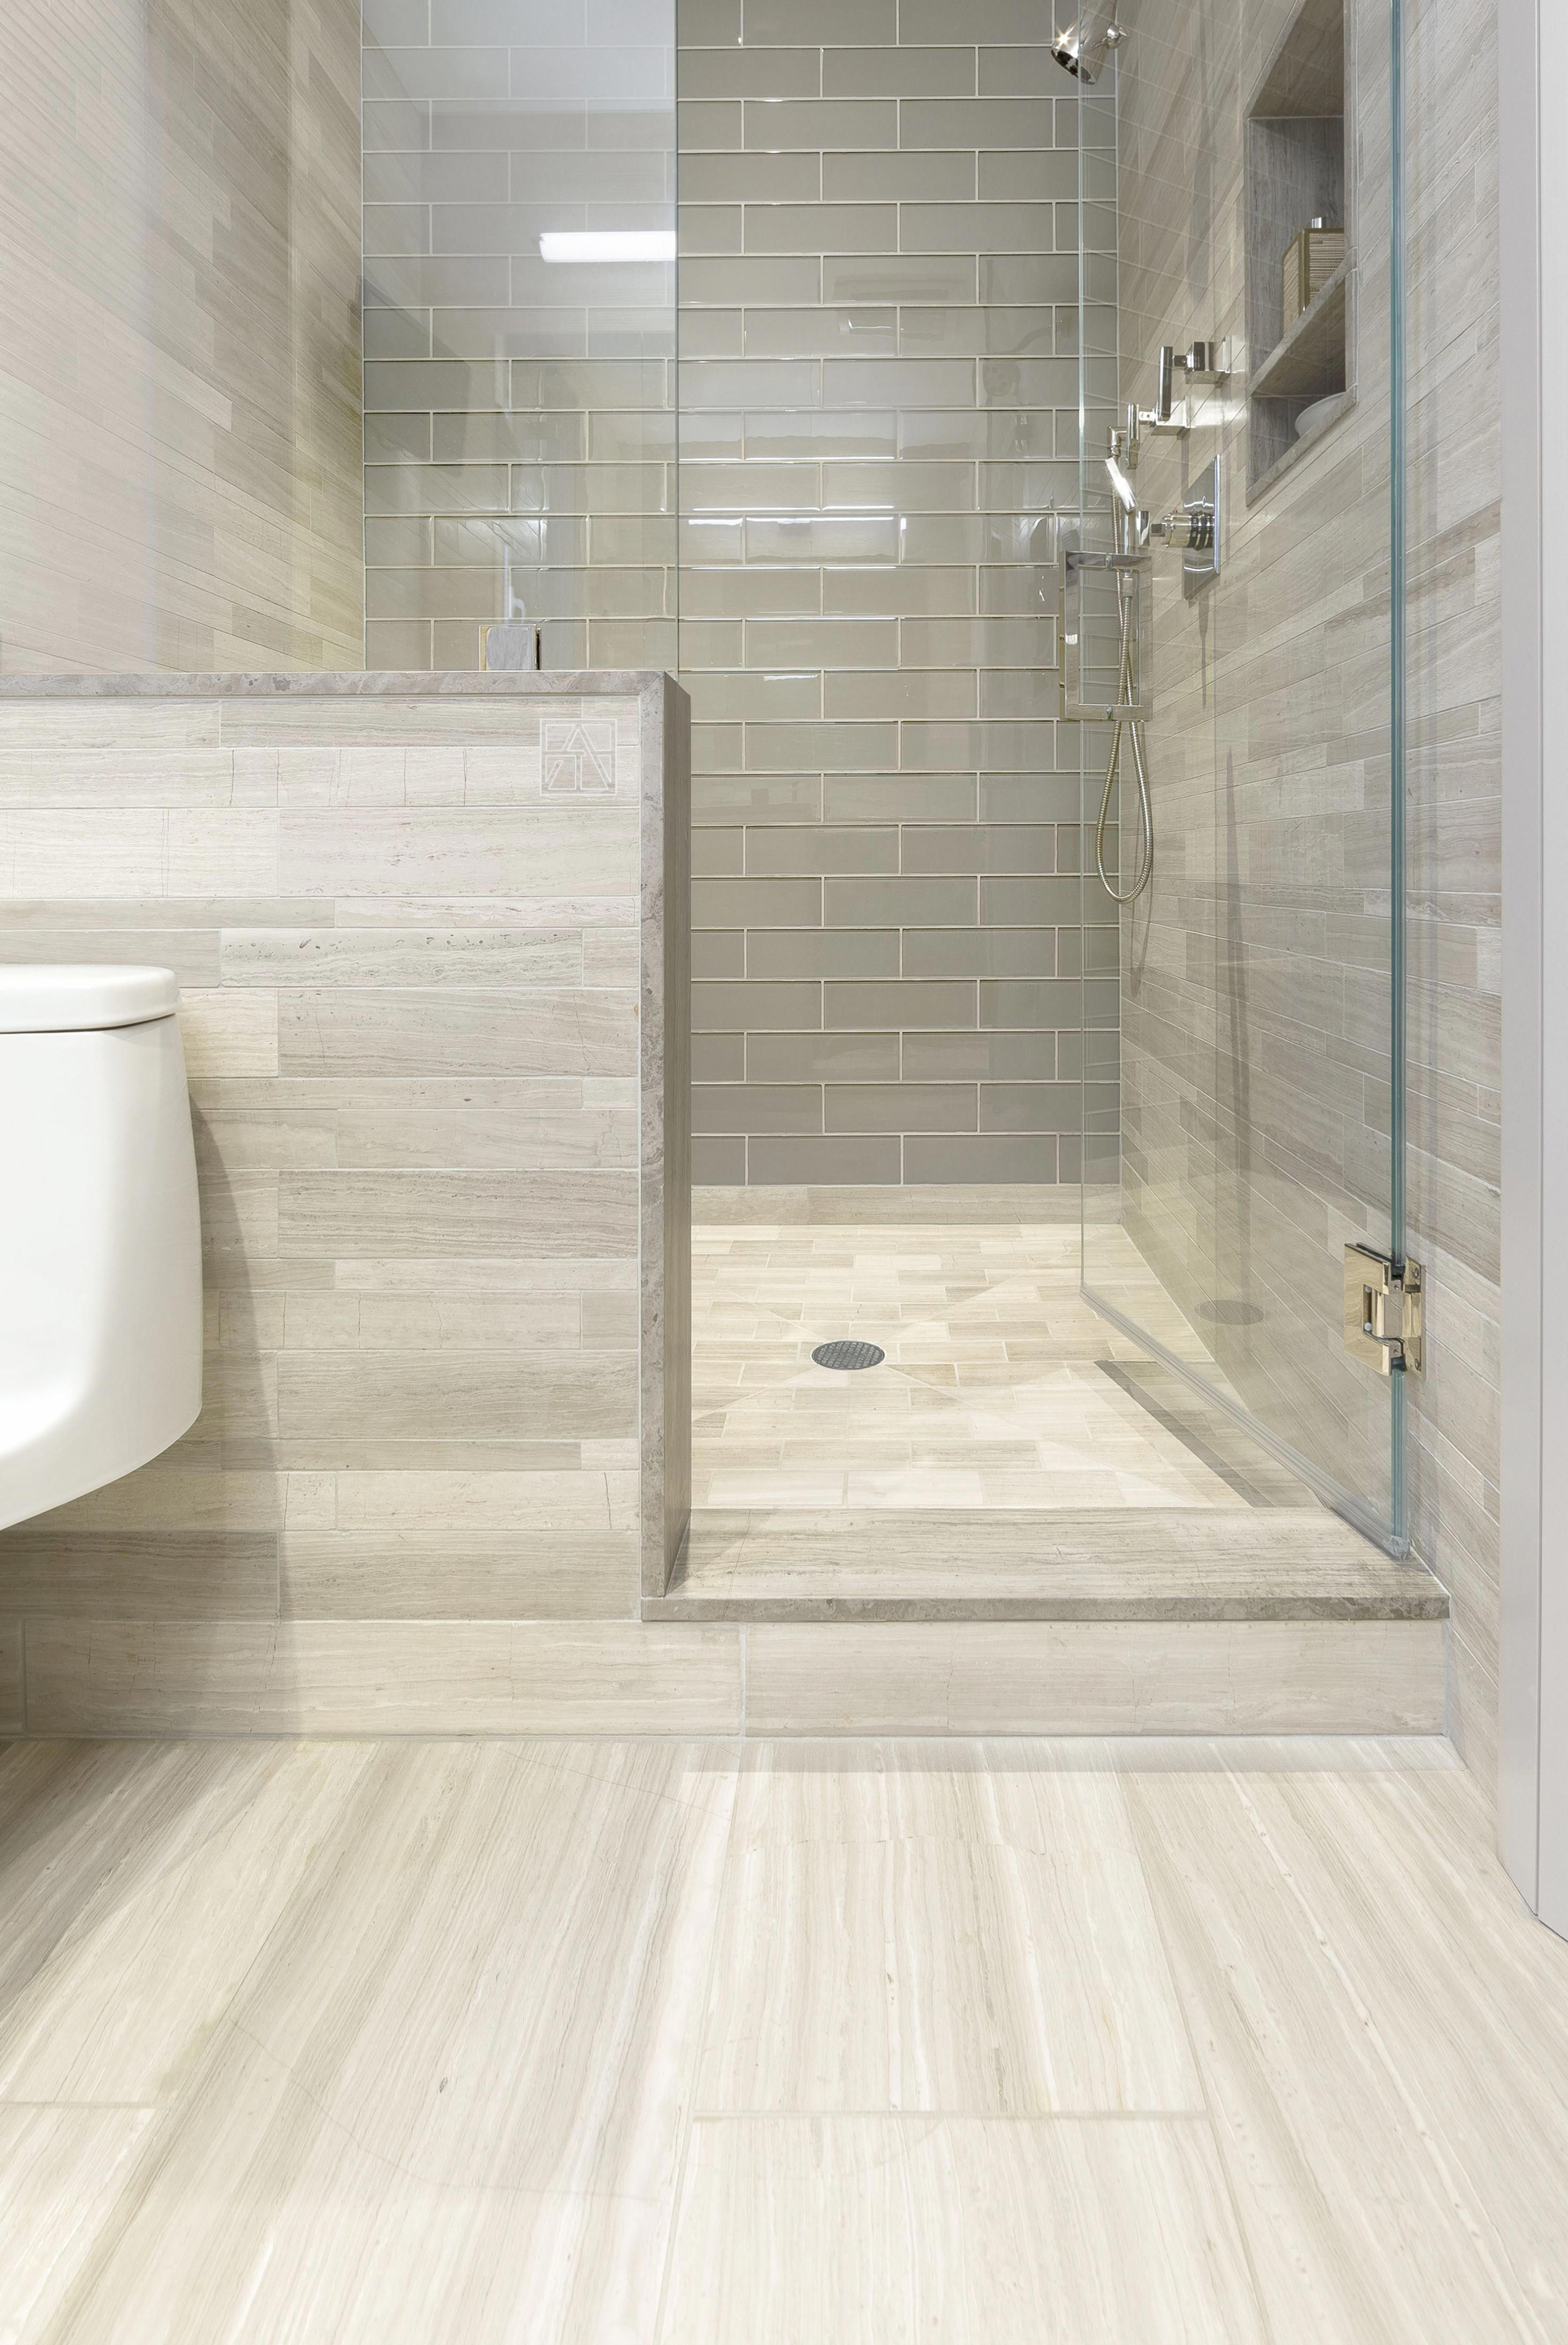 Bathroom Shower Curtain Ideas Pinterest Per Bathroom Light Fixtures Single Along With Bathroom In 2020 Bathroom Redesign Bathroom Remodel Shower Bathroom Tile Designs